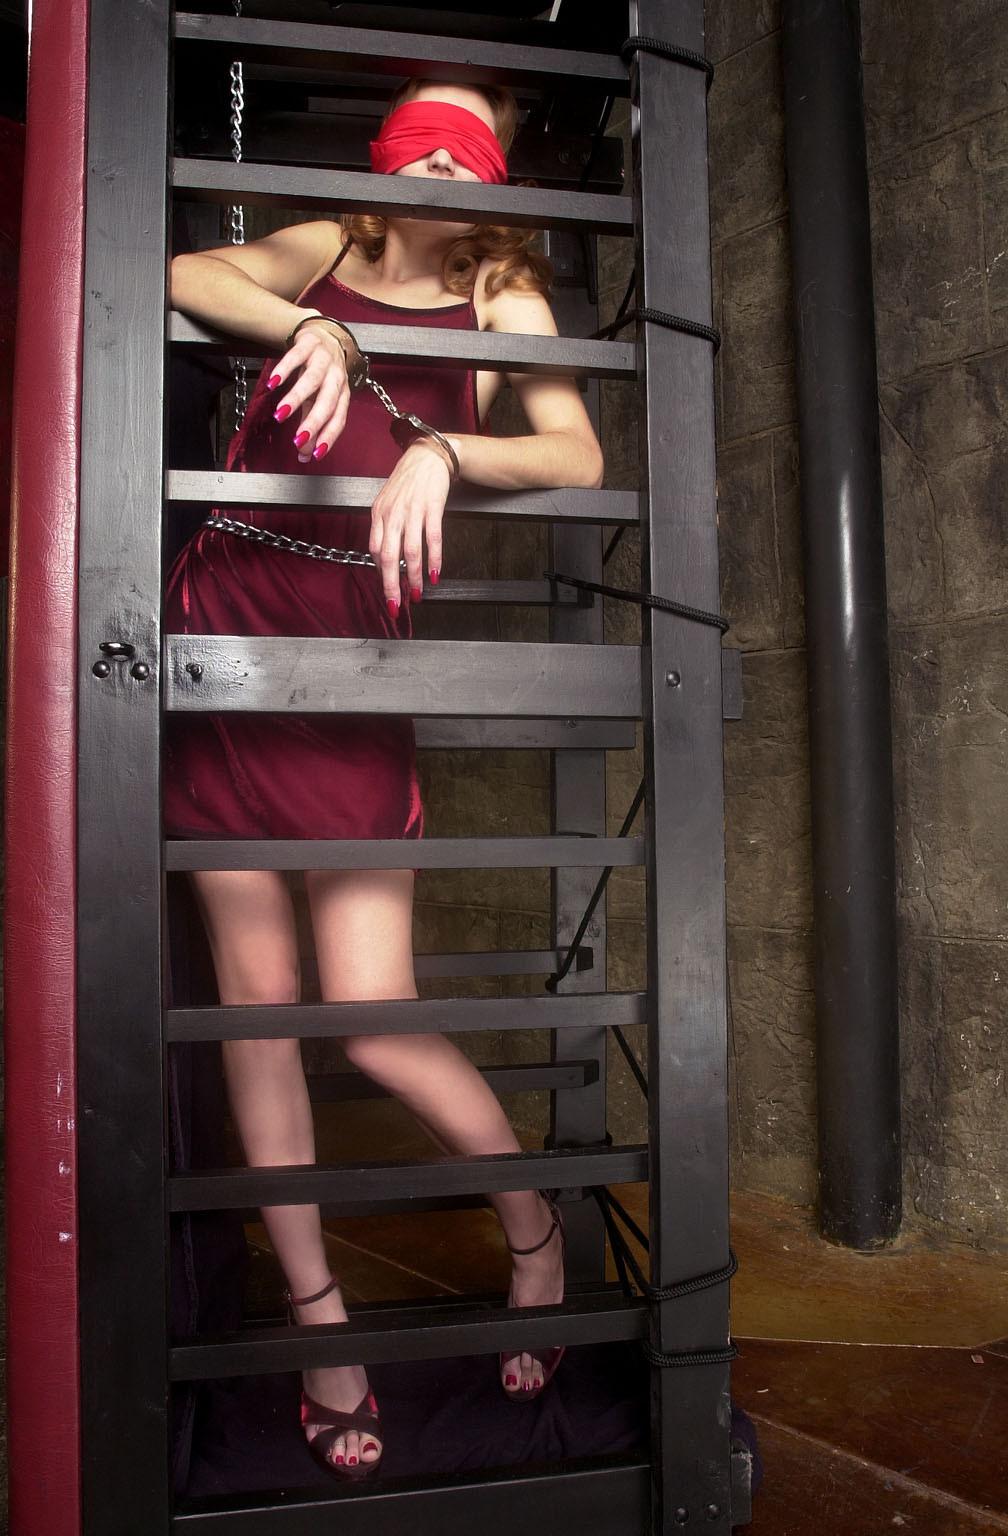 【SMエロ画像】調教後はしまっちゃおうw狭い檻に監禁されたM女の方々www 04